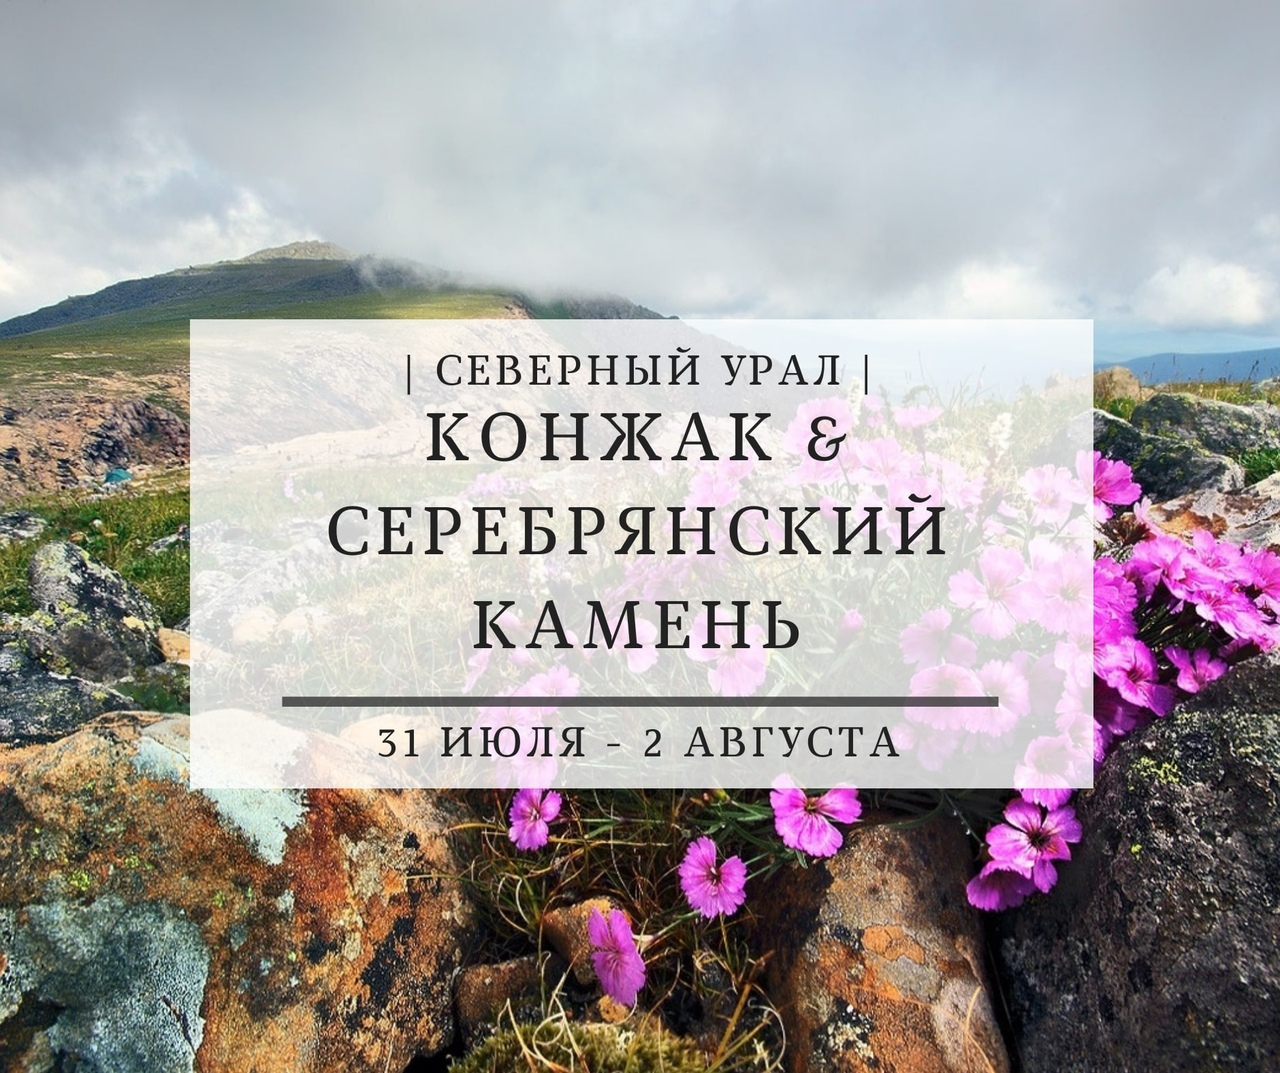 Афиша Тюмень КОНЖАК & СЕРЕБРЯНСКИЙ КАМЕНЬ / 31 ИЮЛЯ-2 АВГУСТА